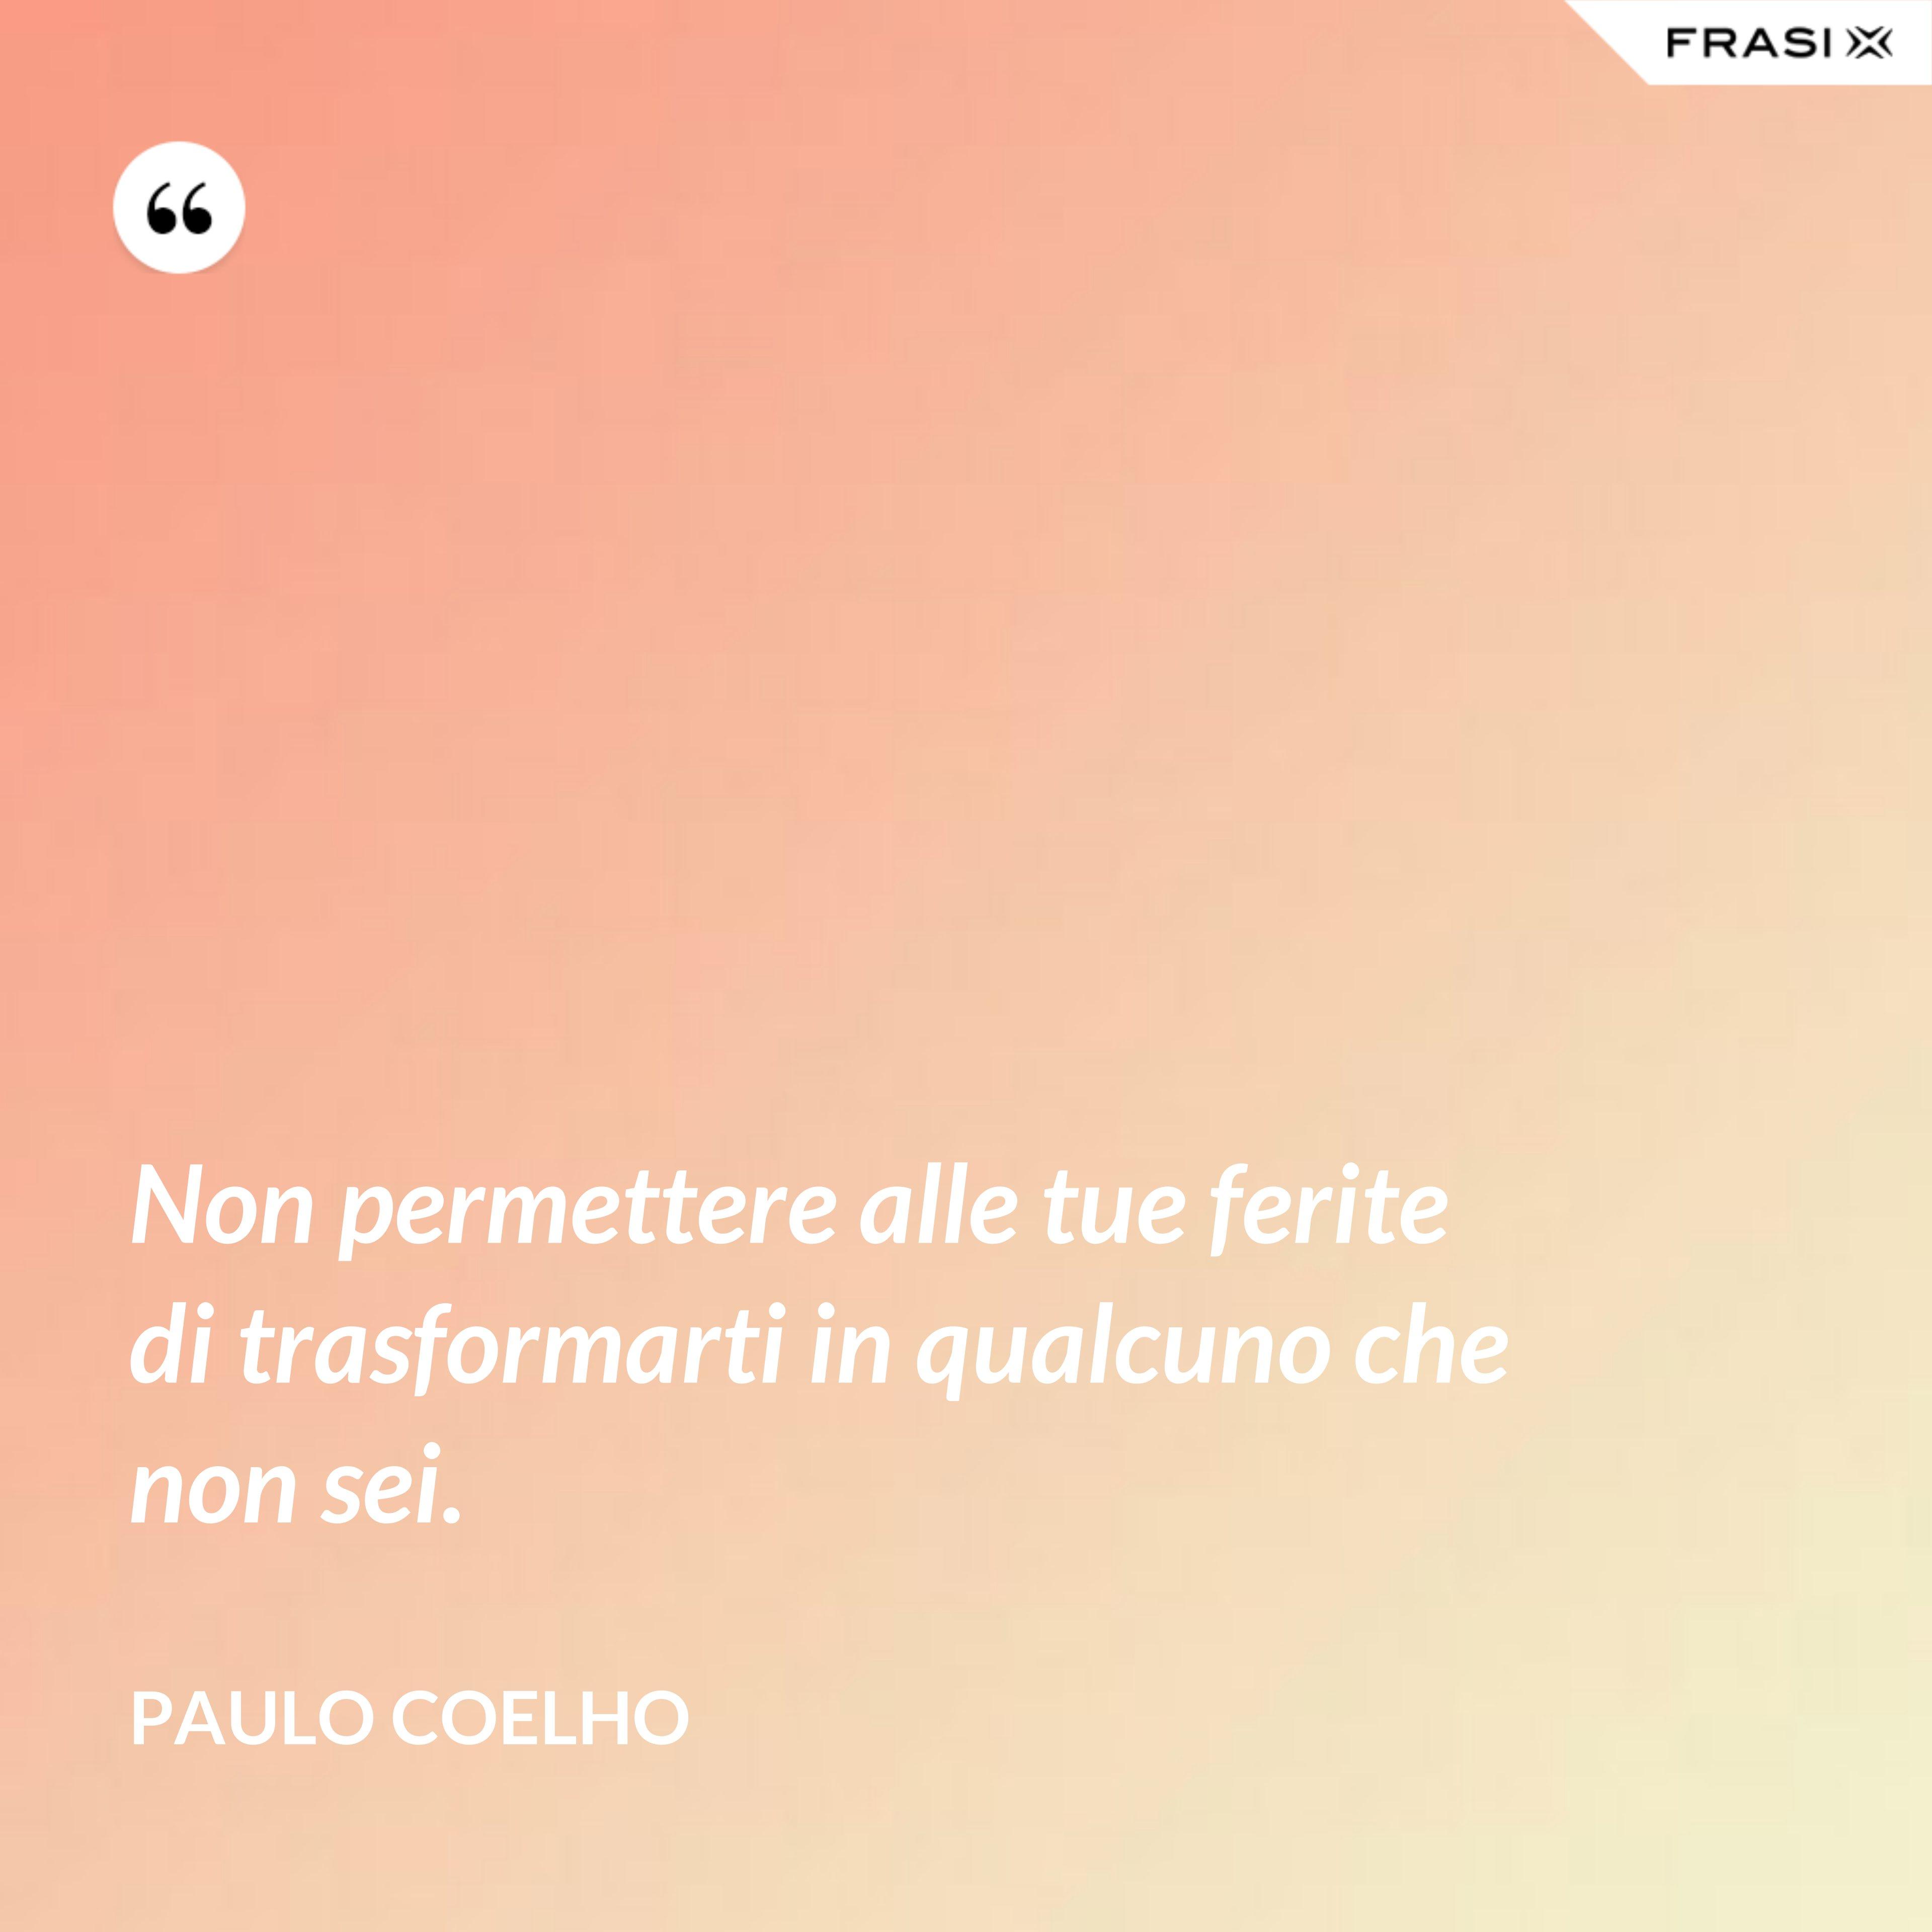 Non permettere alle tue ferite di trasformarti in qualcuno che non sei. - Paulo Coelho